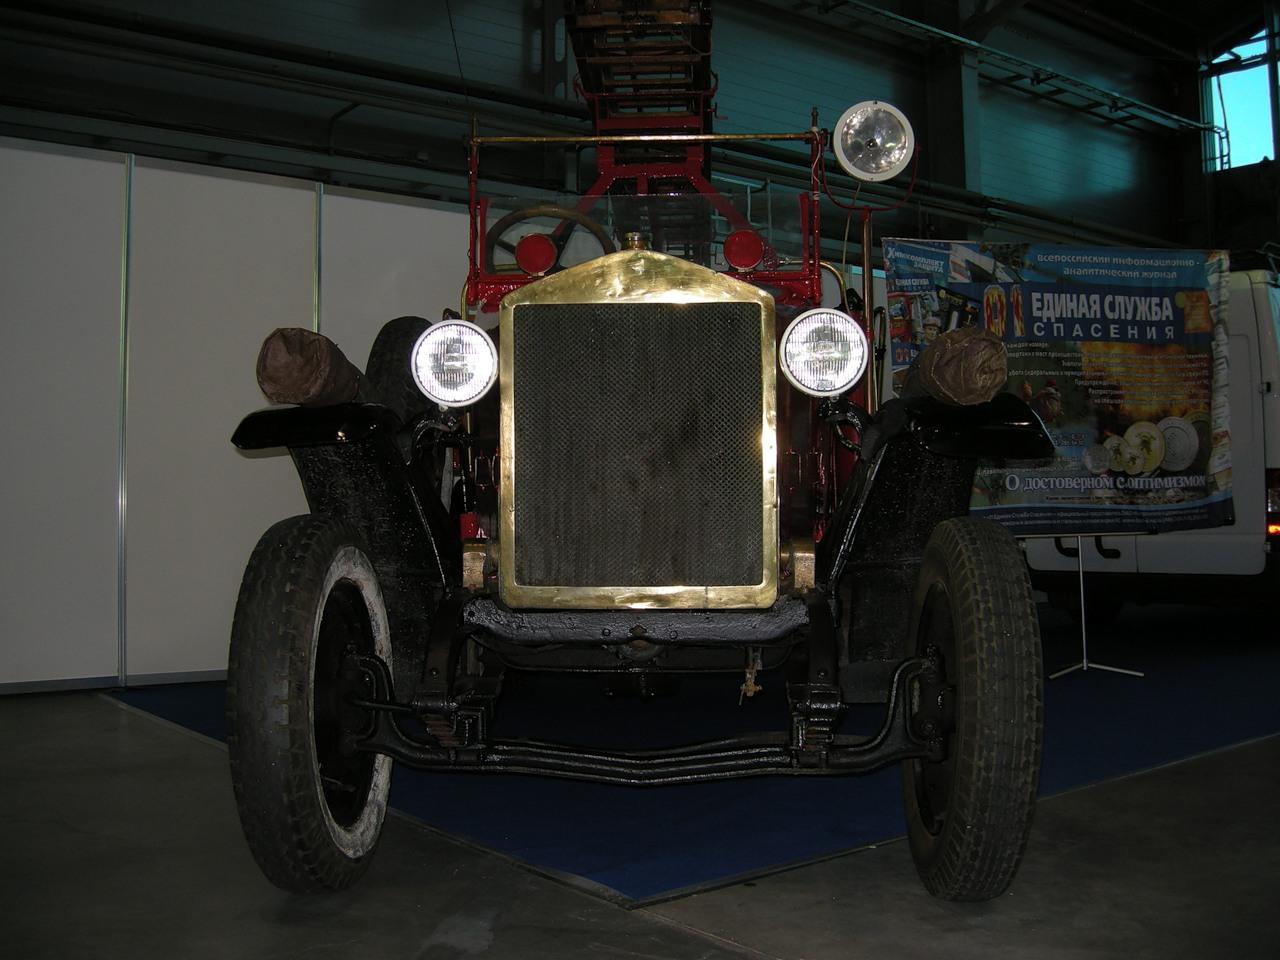 Пожарный автомобиль АМО-Ф-15 на пожарно-технической выставке. Современная реконструкция